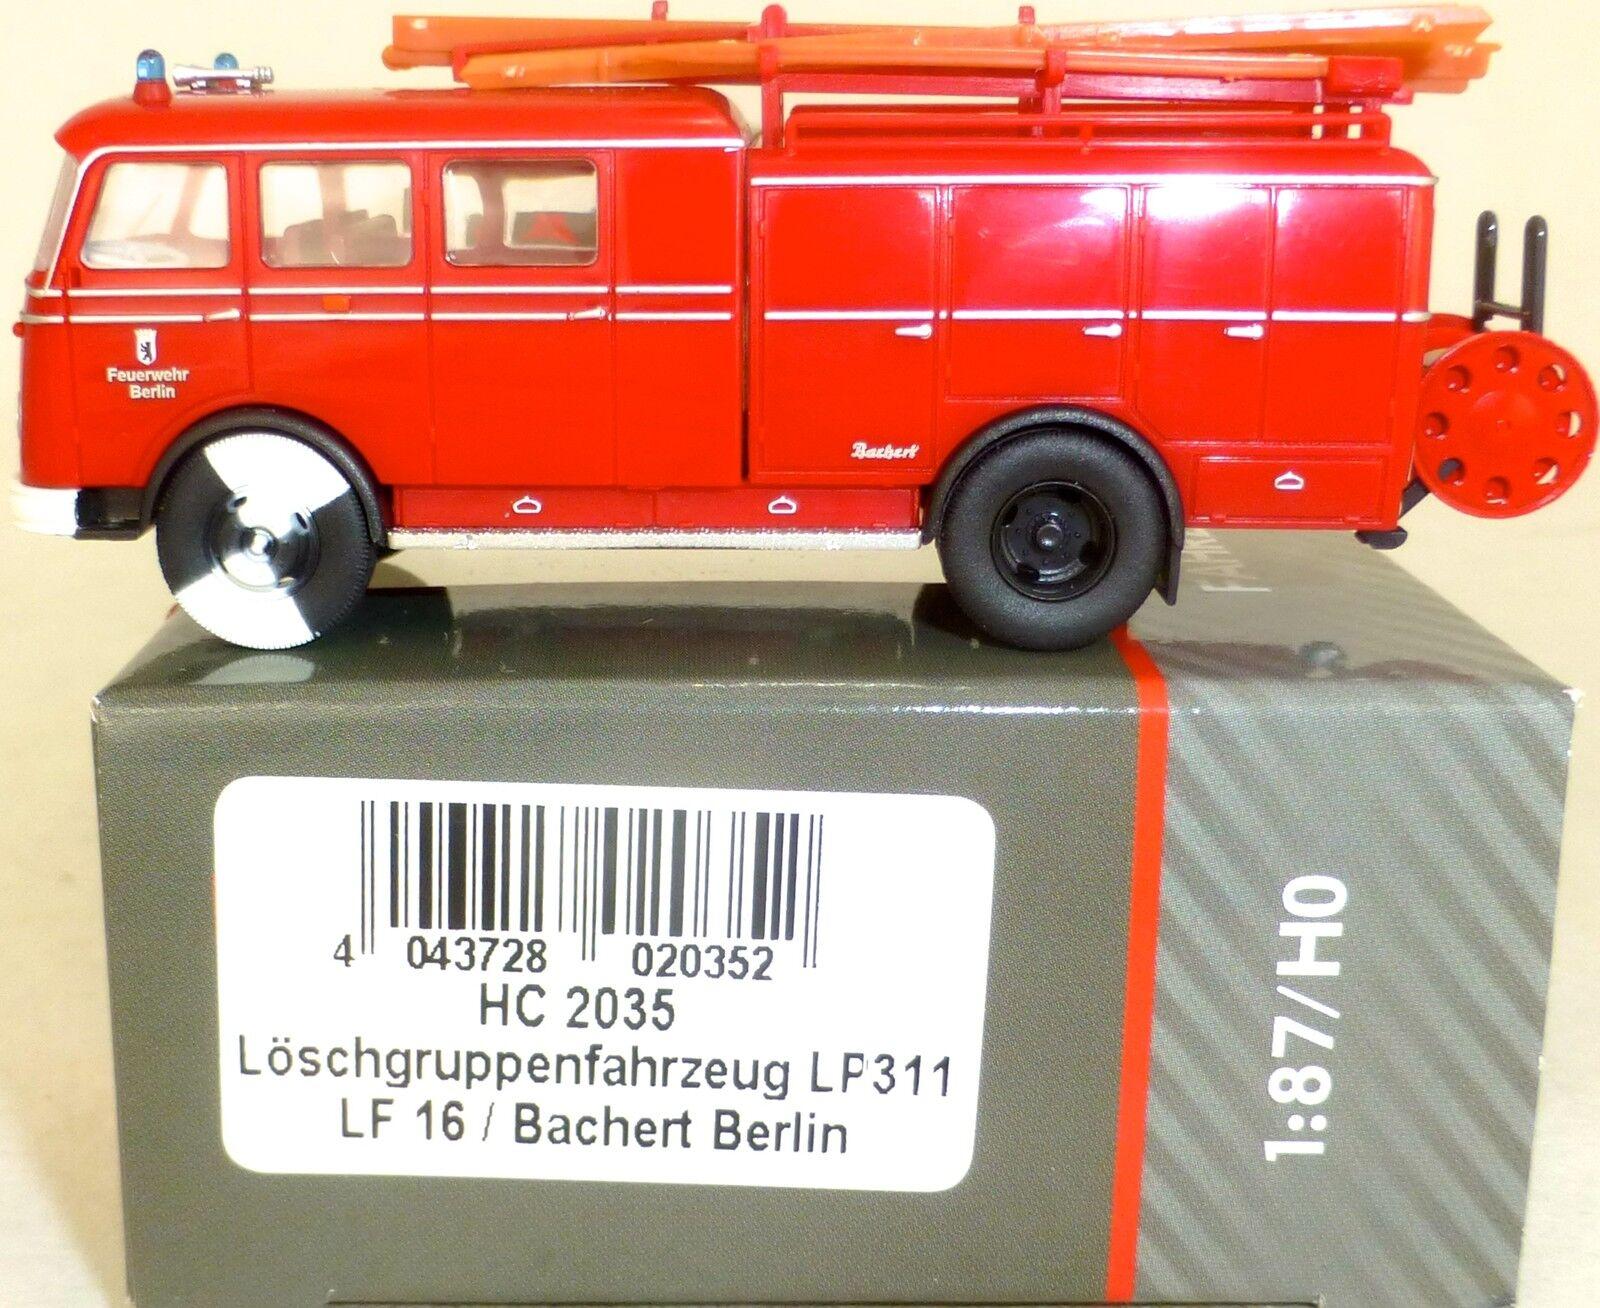 BERLIN Taucher Löschgruppenfahrzeug LP311 LF16 Bachert HEICO HC2035 1 1 1 87 LB4 µ  63d955